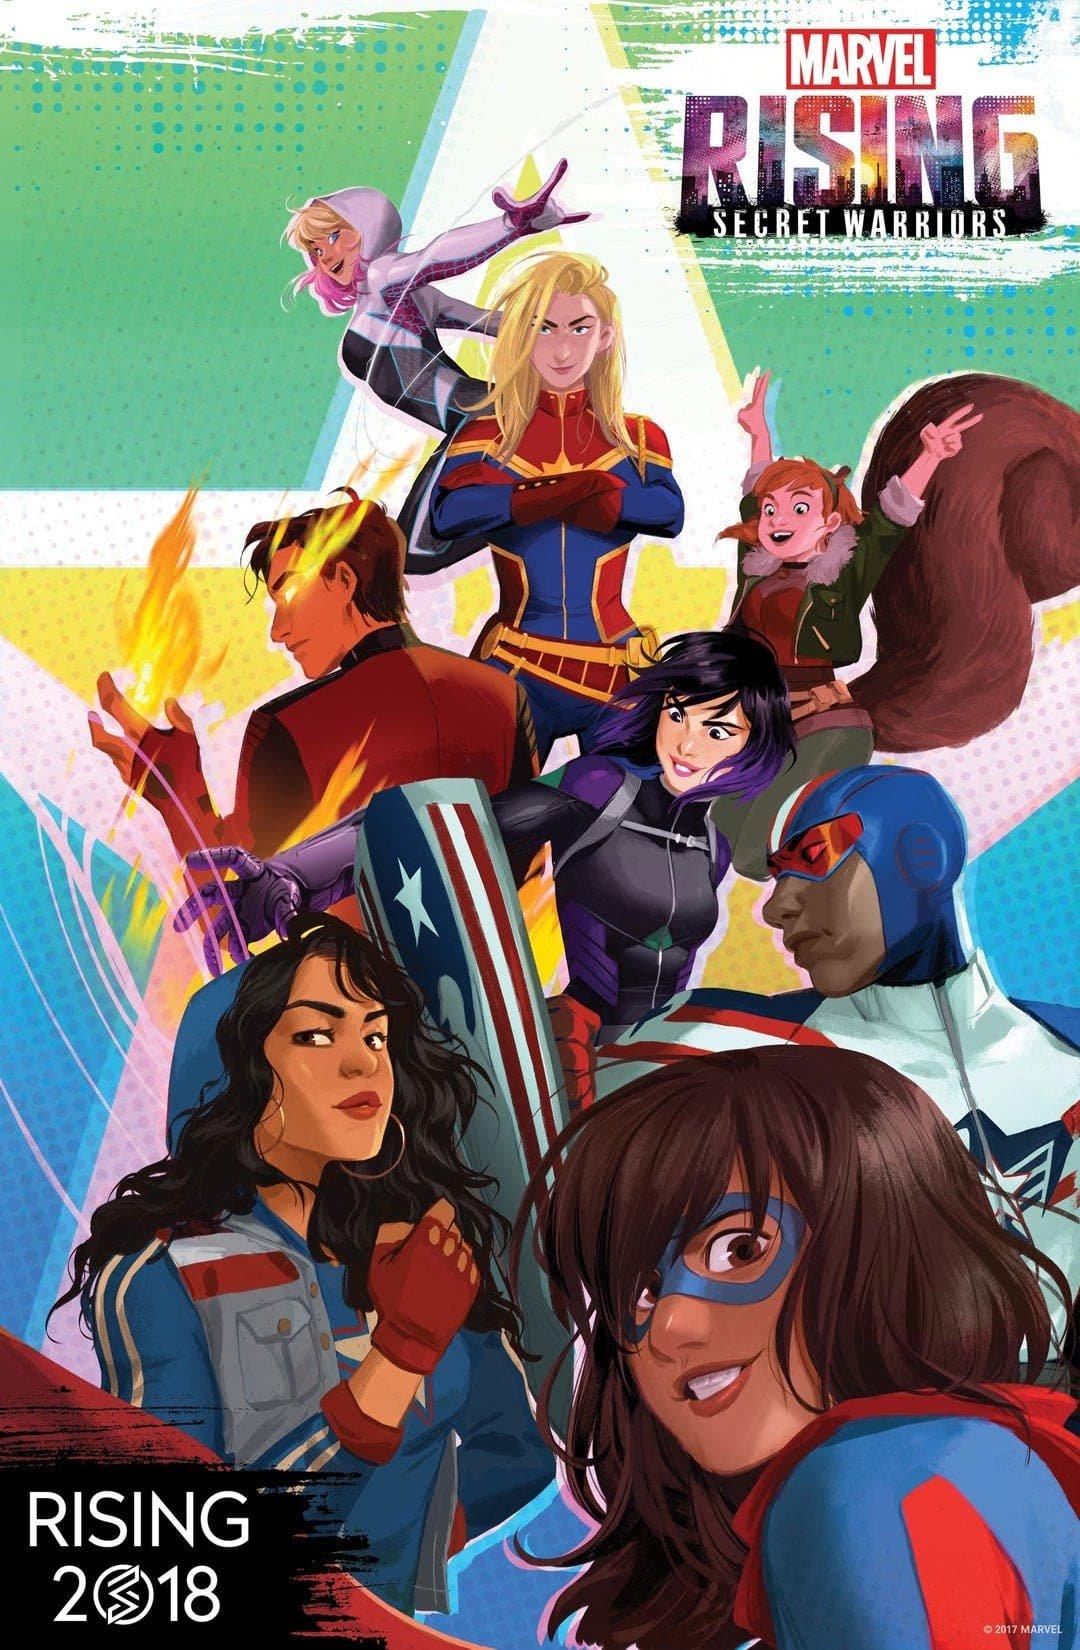 Marvel Secret Warriors Poster